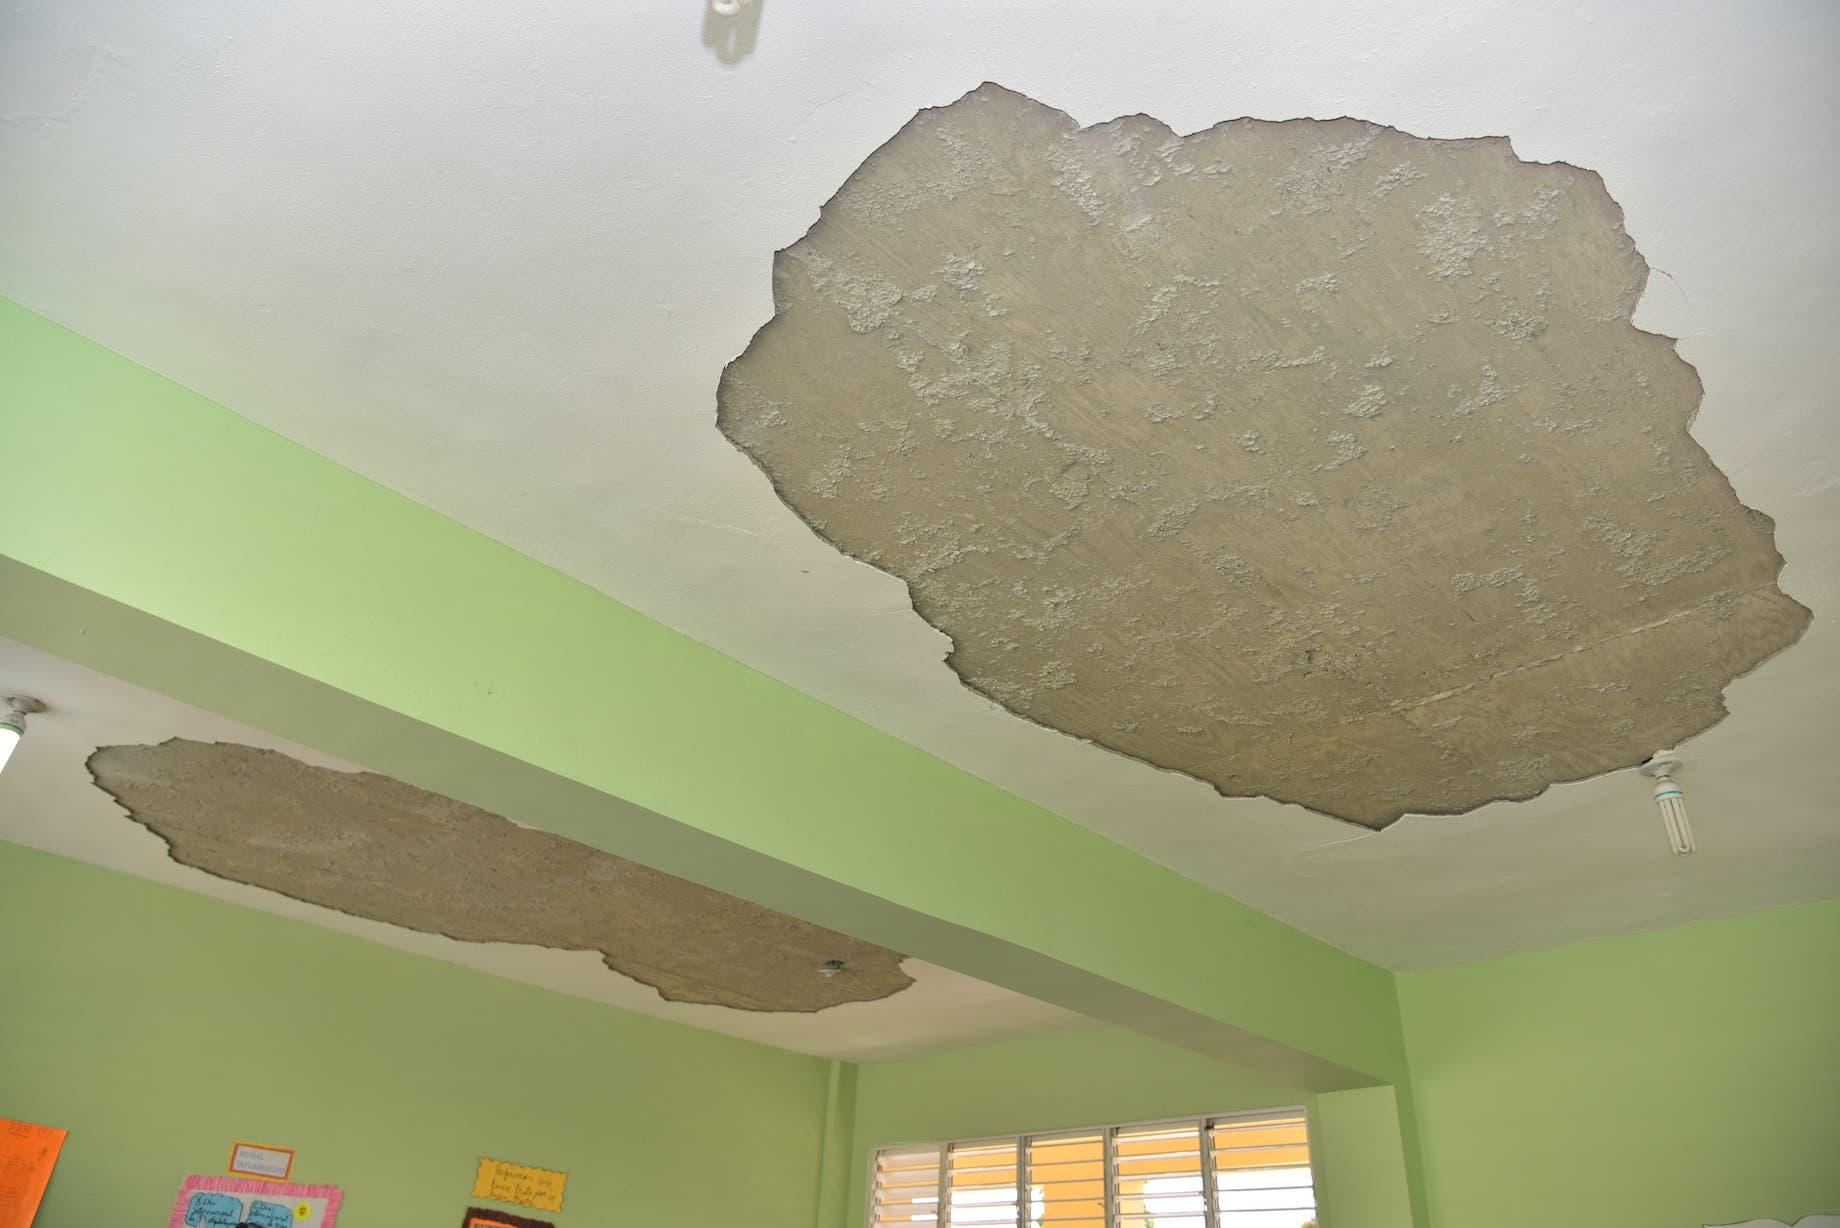 Avanzan en reparación de techos de 20 aulas en escuela donde tres estudiantes resultaron lesionados